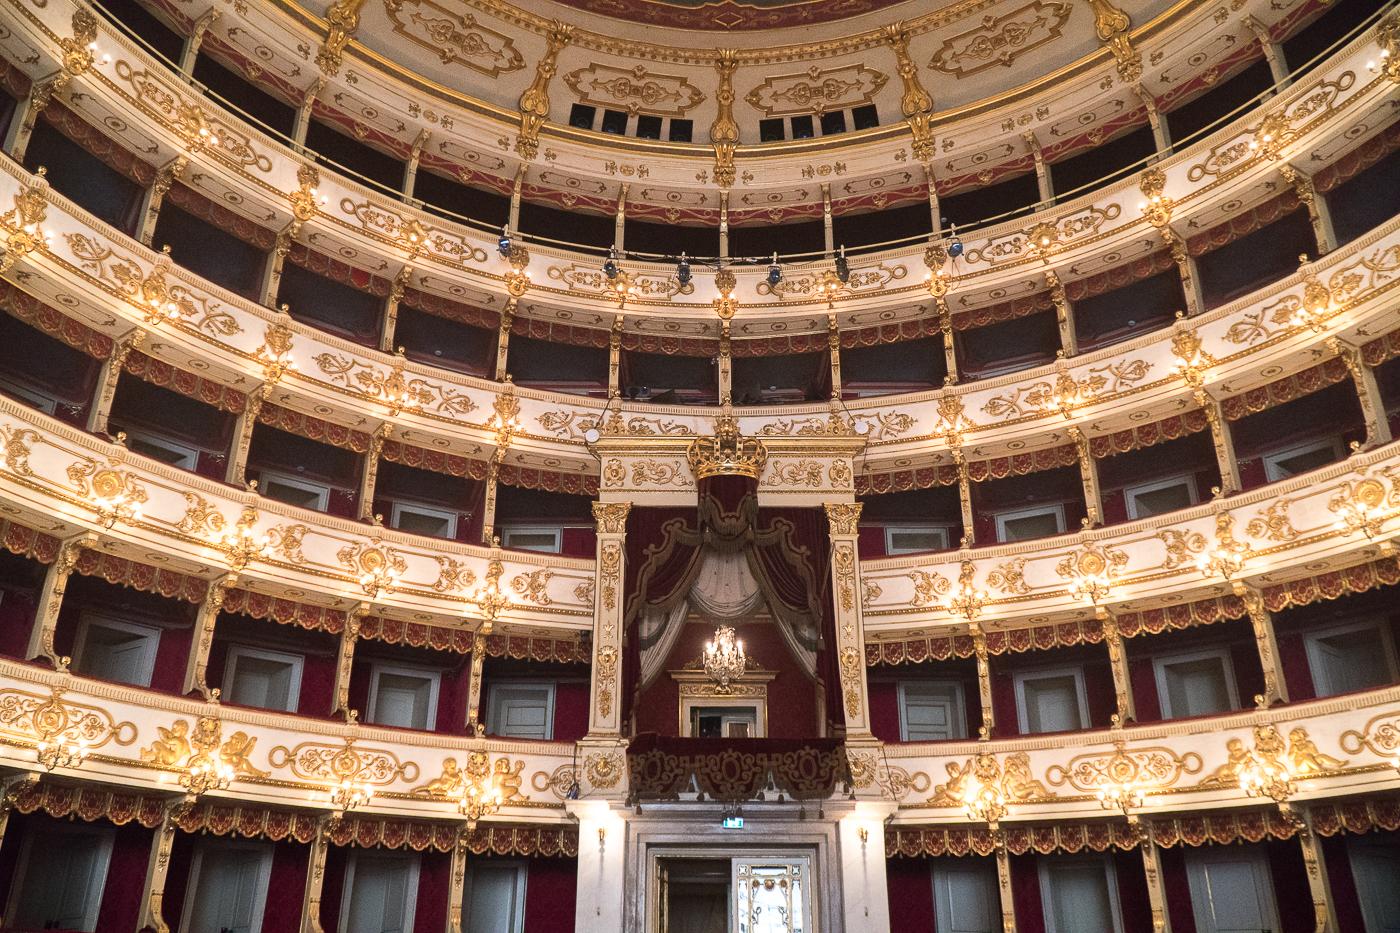 intérieur du Teatro Regio - Parma, Emilia-Romagna